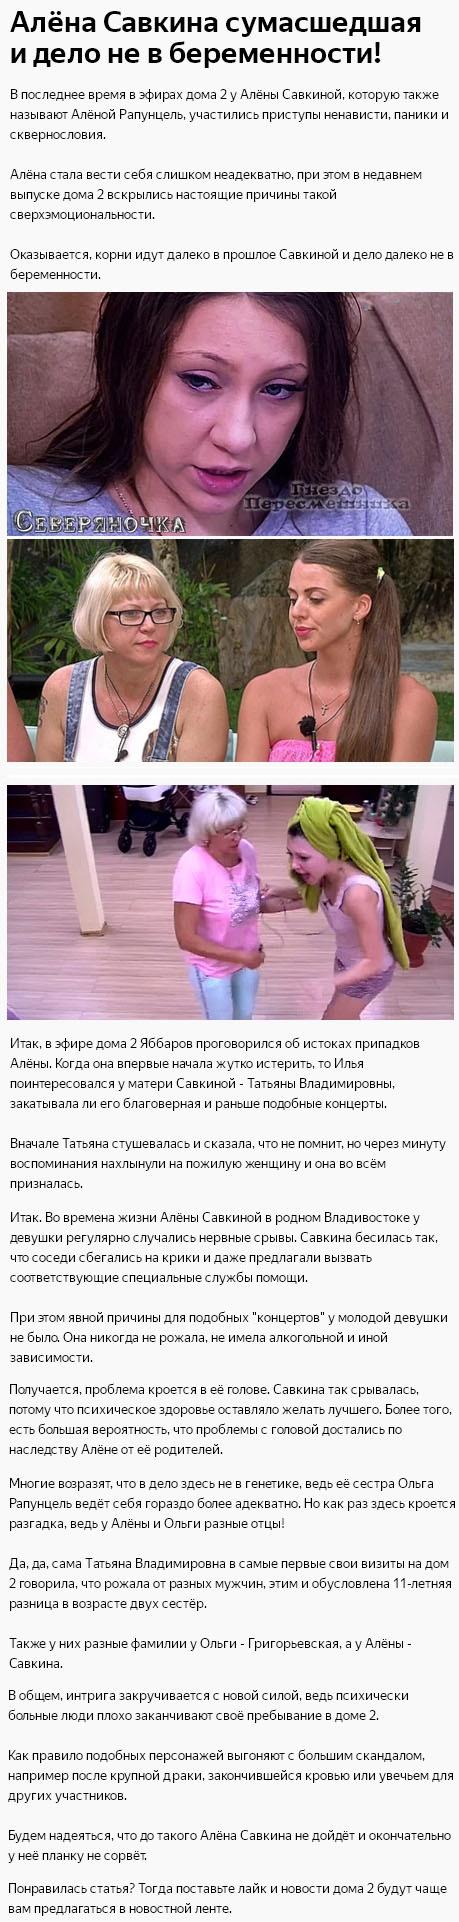 Сумасшествие Алены Савкиной стало более чем очевидным